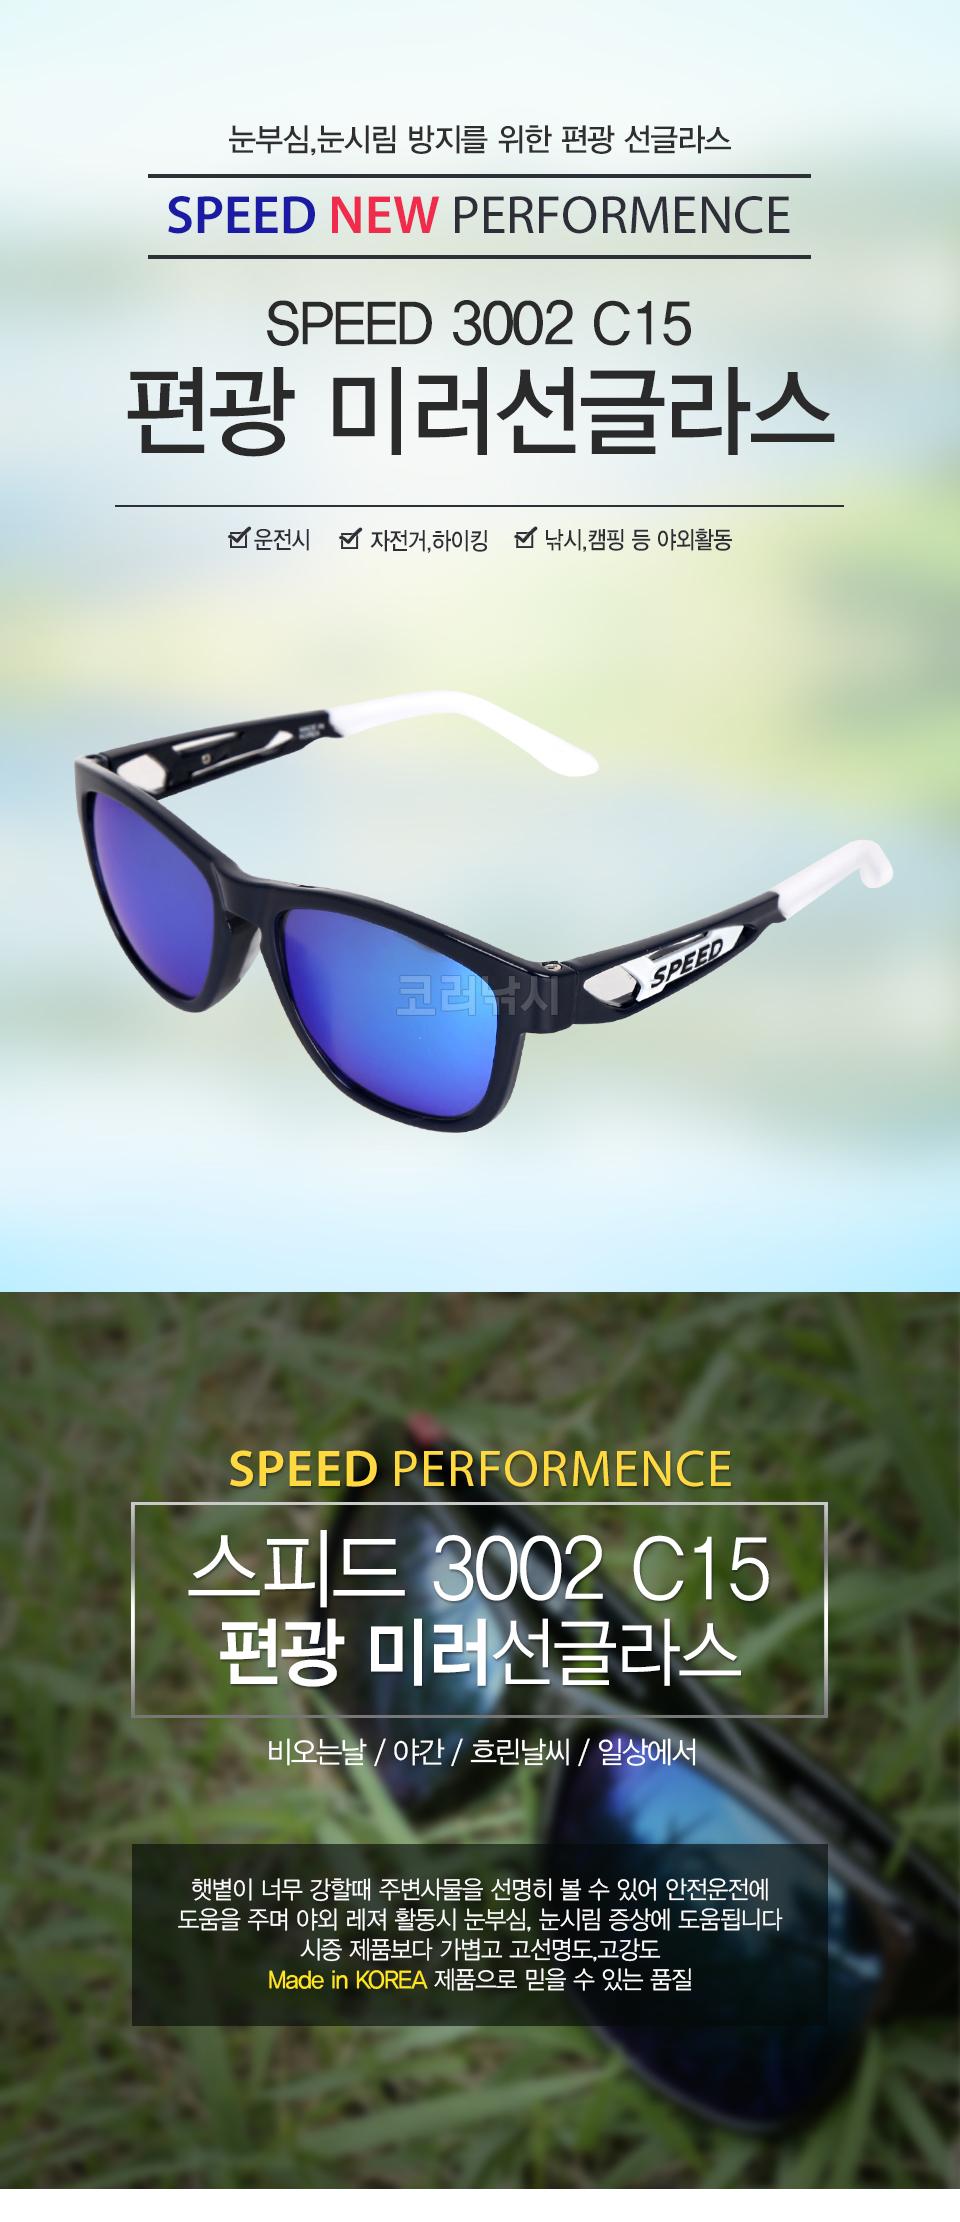 스피드 편광 미러선글라스 3002 C15 (MADE IN KOREA)  스피드썬글라스 SPEED 편광선글라스 미러선글라스